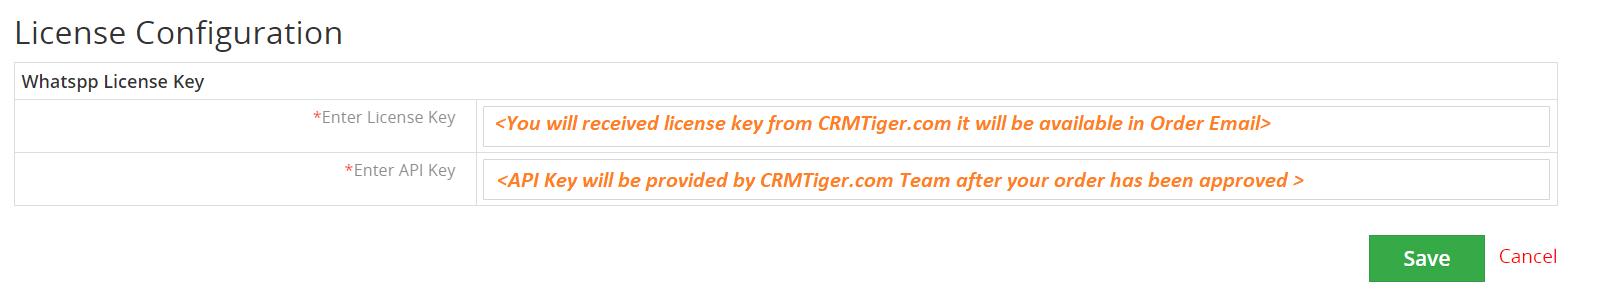 license-configuration